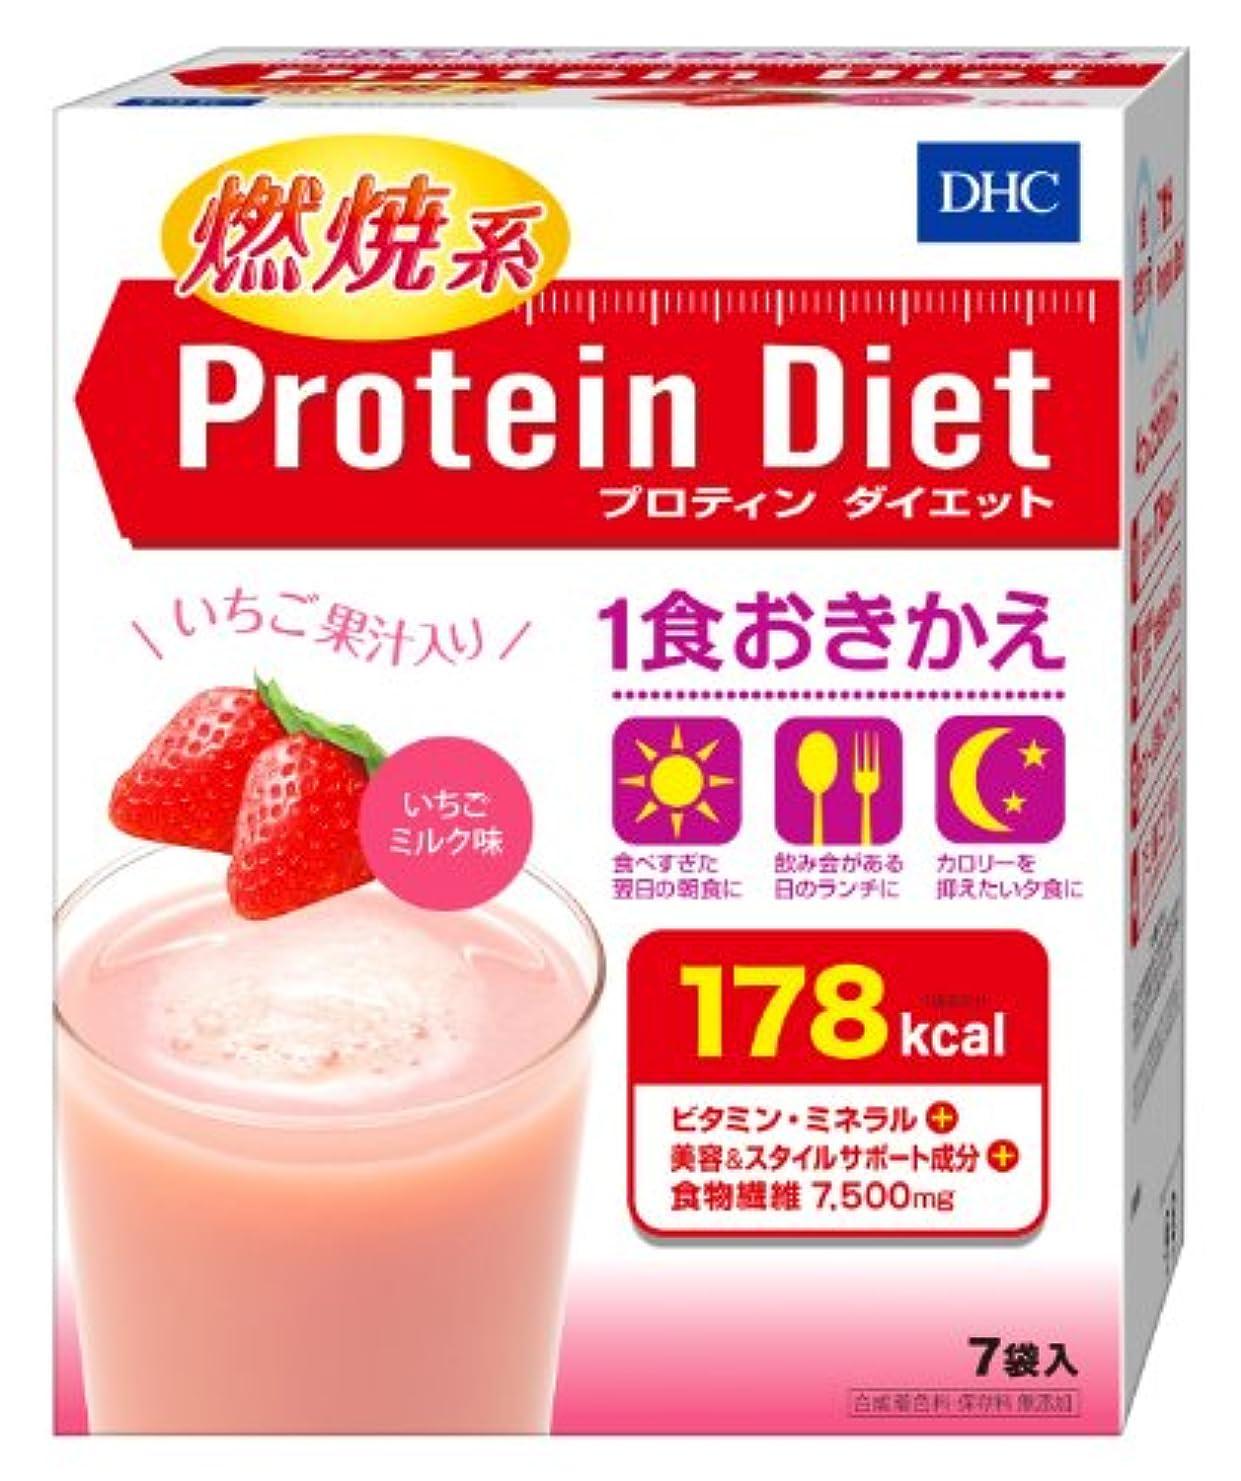 ロマンチック円形の頻繁にDHC プロティンダイエット いちごミルク味7袋入 50g×7袋入